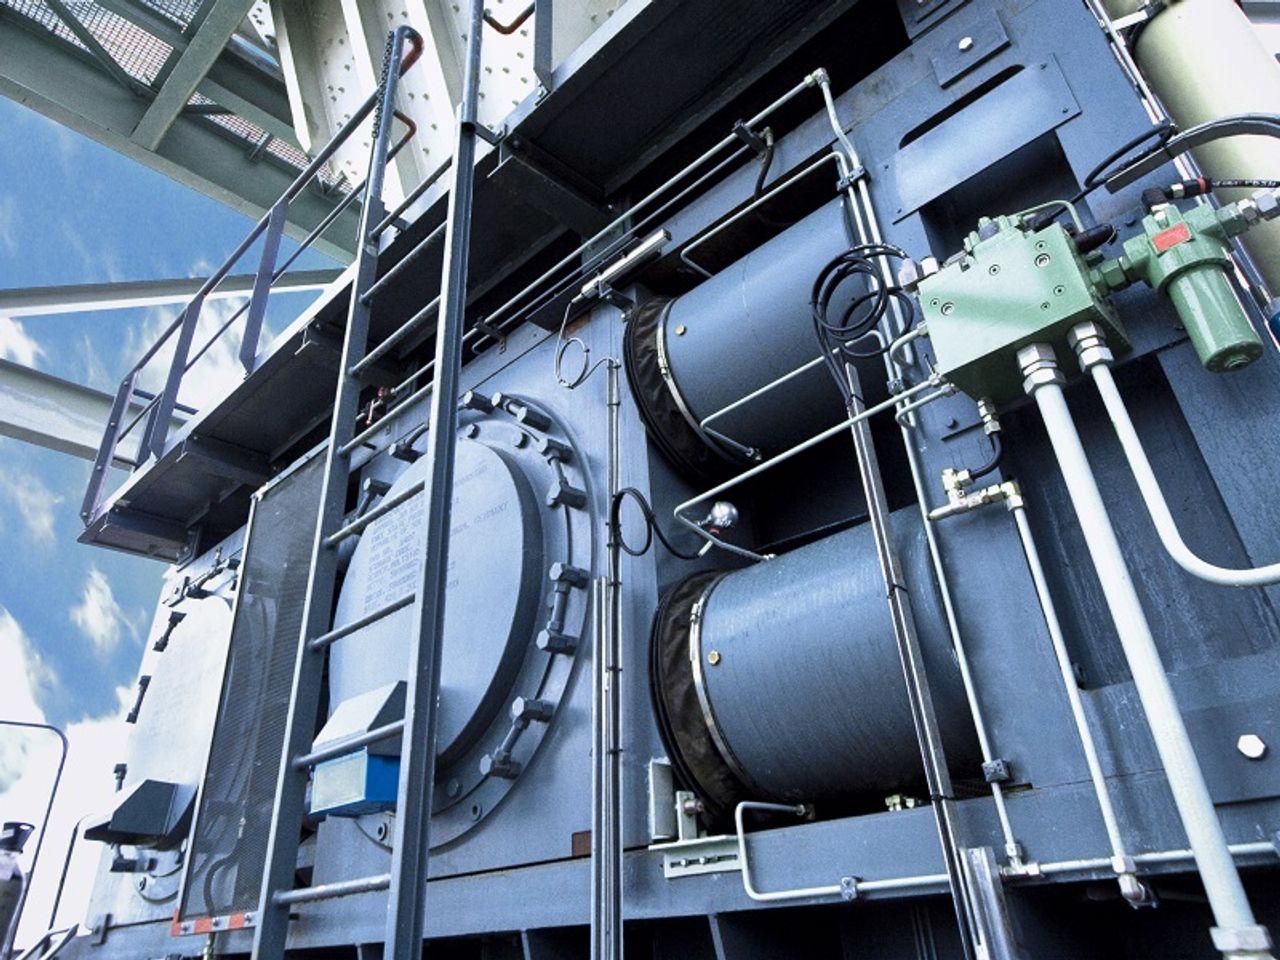 thyssenkrupp, Schulte, Referenz, Instandhaltung, Rohrleitung, Prozess